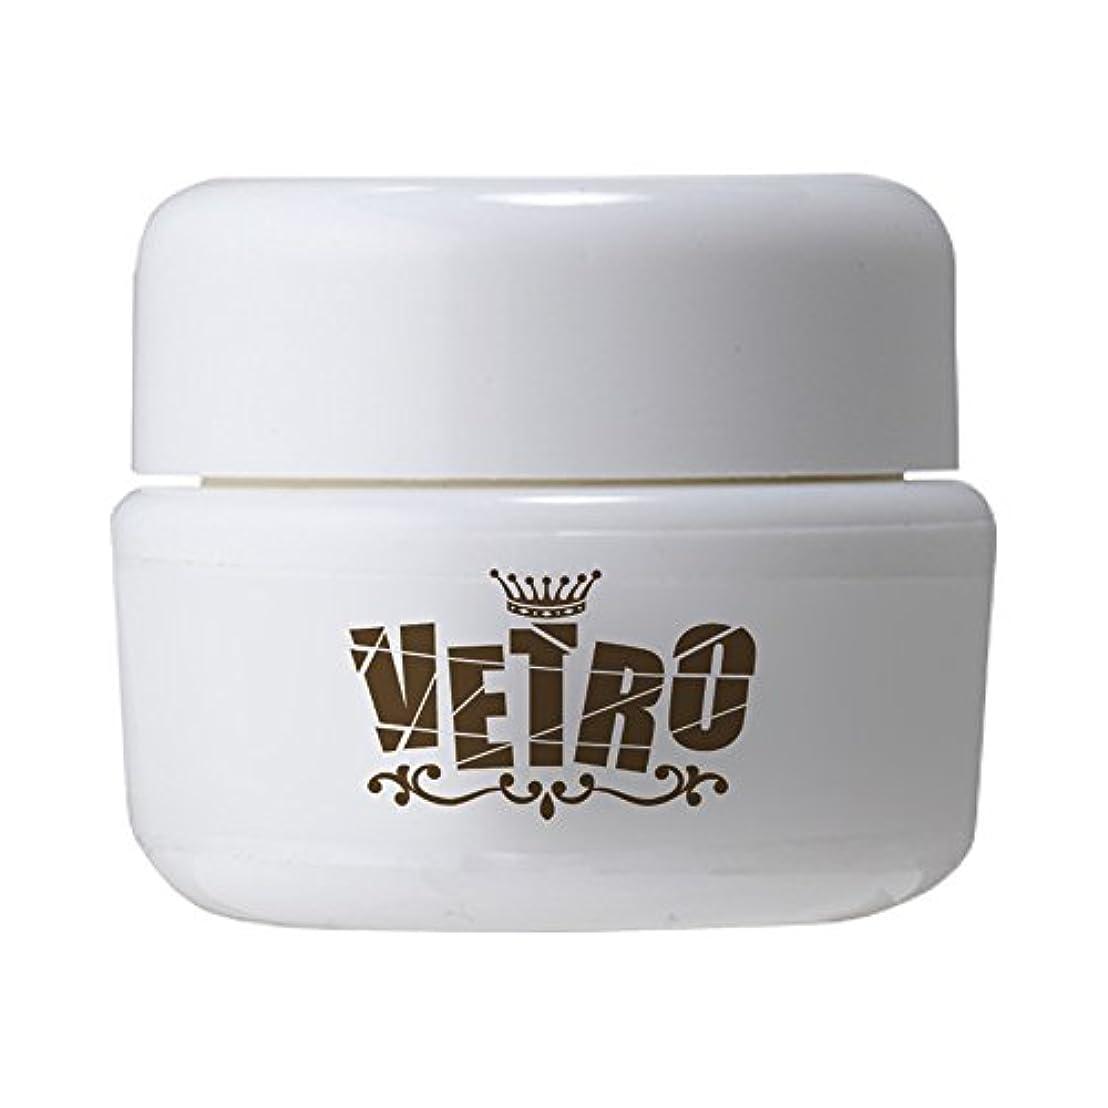 物語予定近代化VETRO No.19 カラージェル パール VLT980 ゴールデンジュビリー 4ml